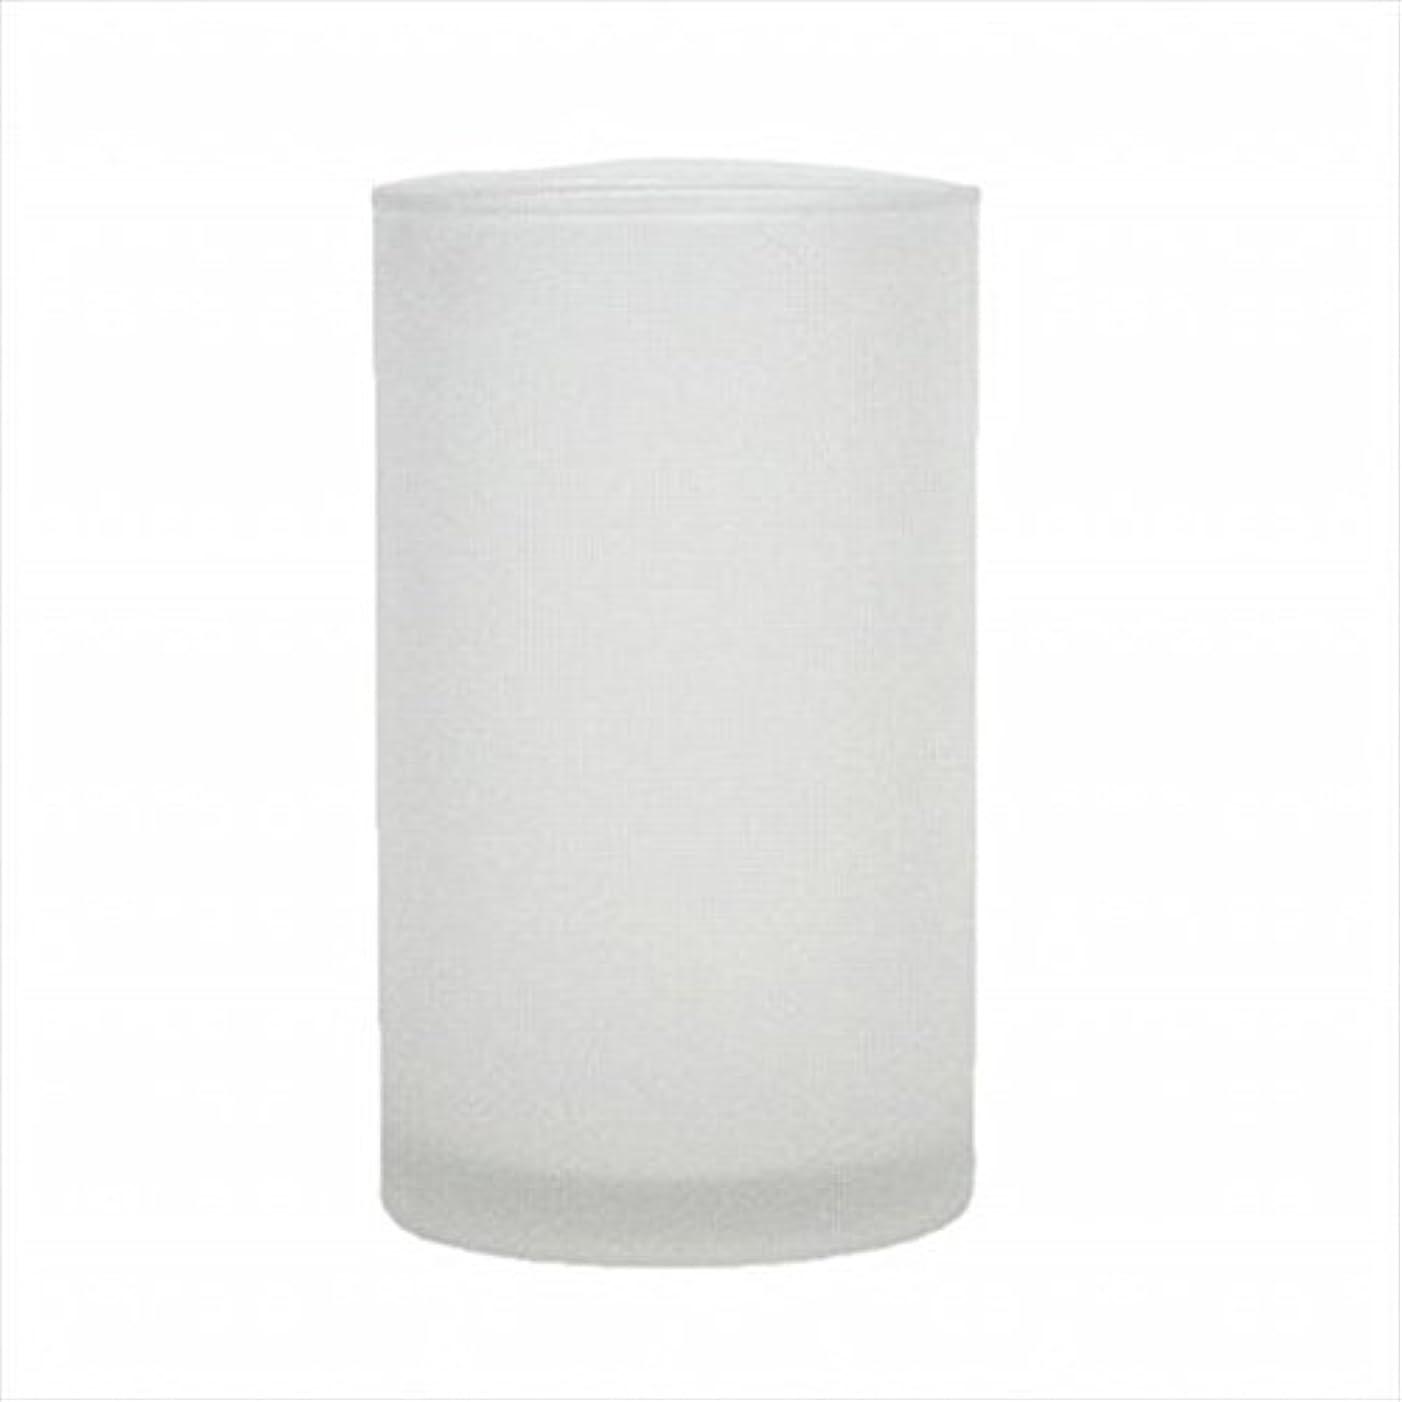 恐れ夕食を食べる写真kameyama candle(カメヤマキャンドル) モルカグラスSフロスト キャンドル 90x90x155mm (65980000)